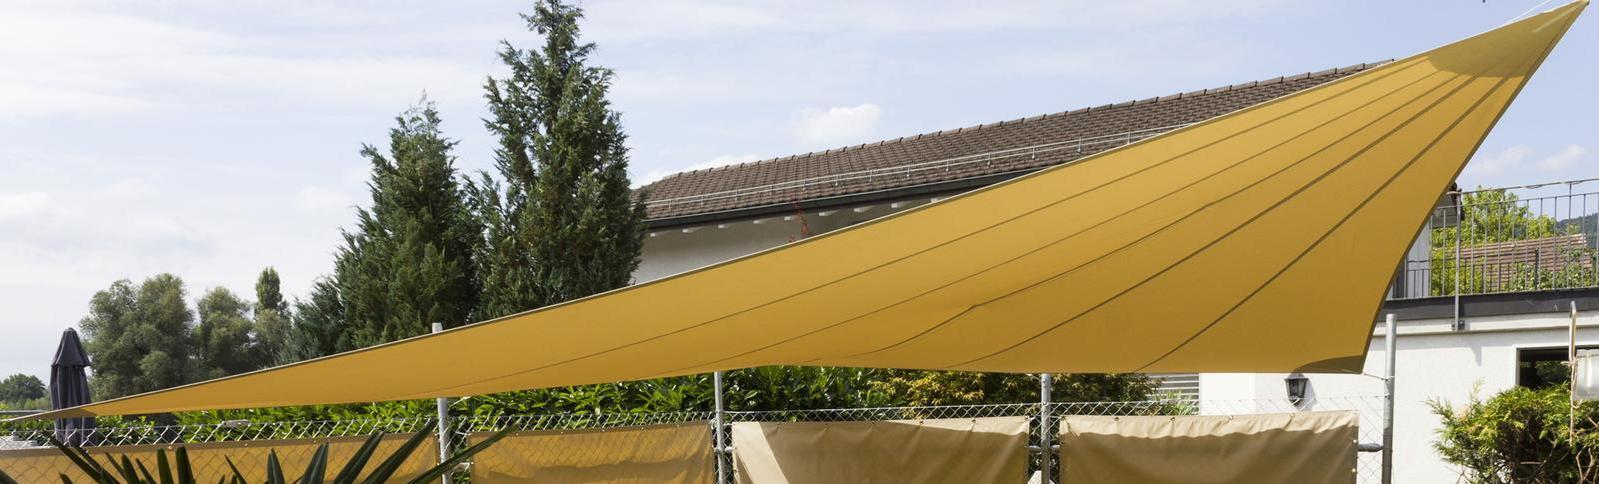 Mehrere Sonnensegel zur Beschattung und als Sichtschutz an der Terrasse eine Wohnhauses